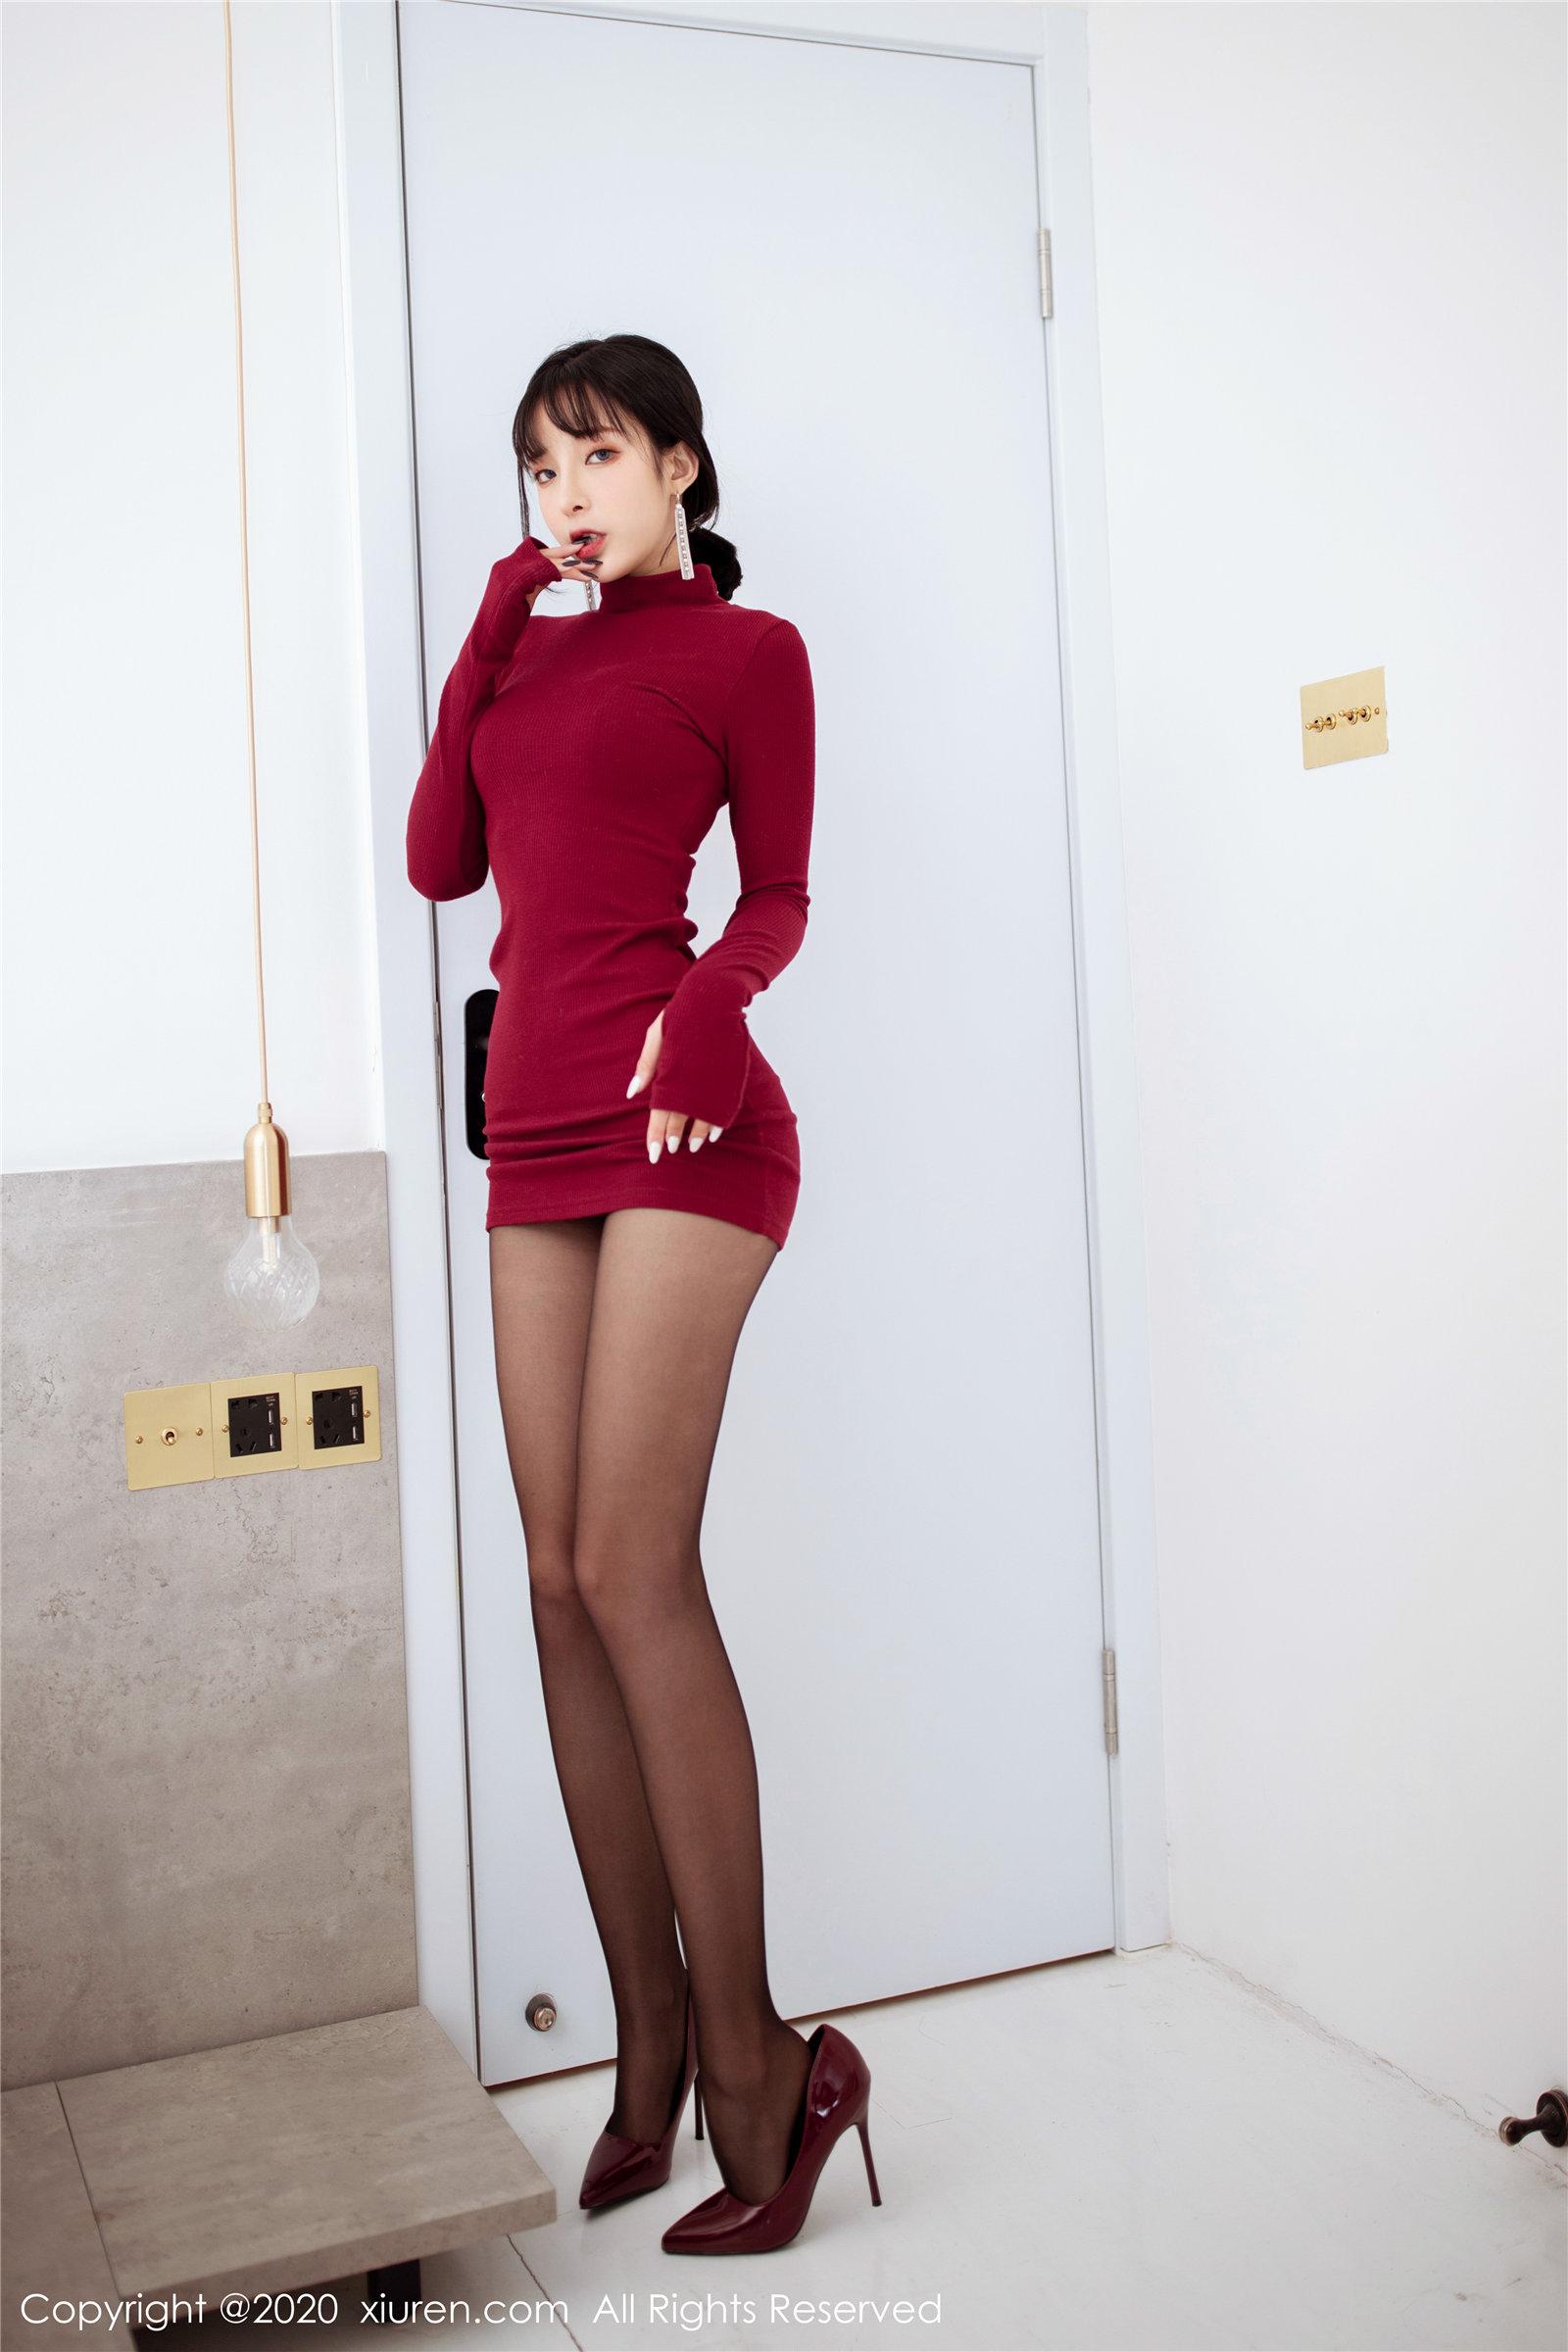 红色高领毛衣 高跟黑丝 陈小喵(Vol. 1968) 性感mm-第1张